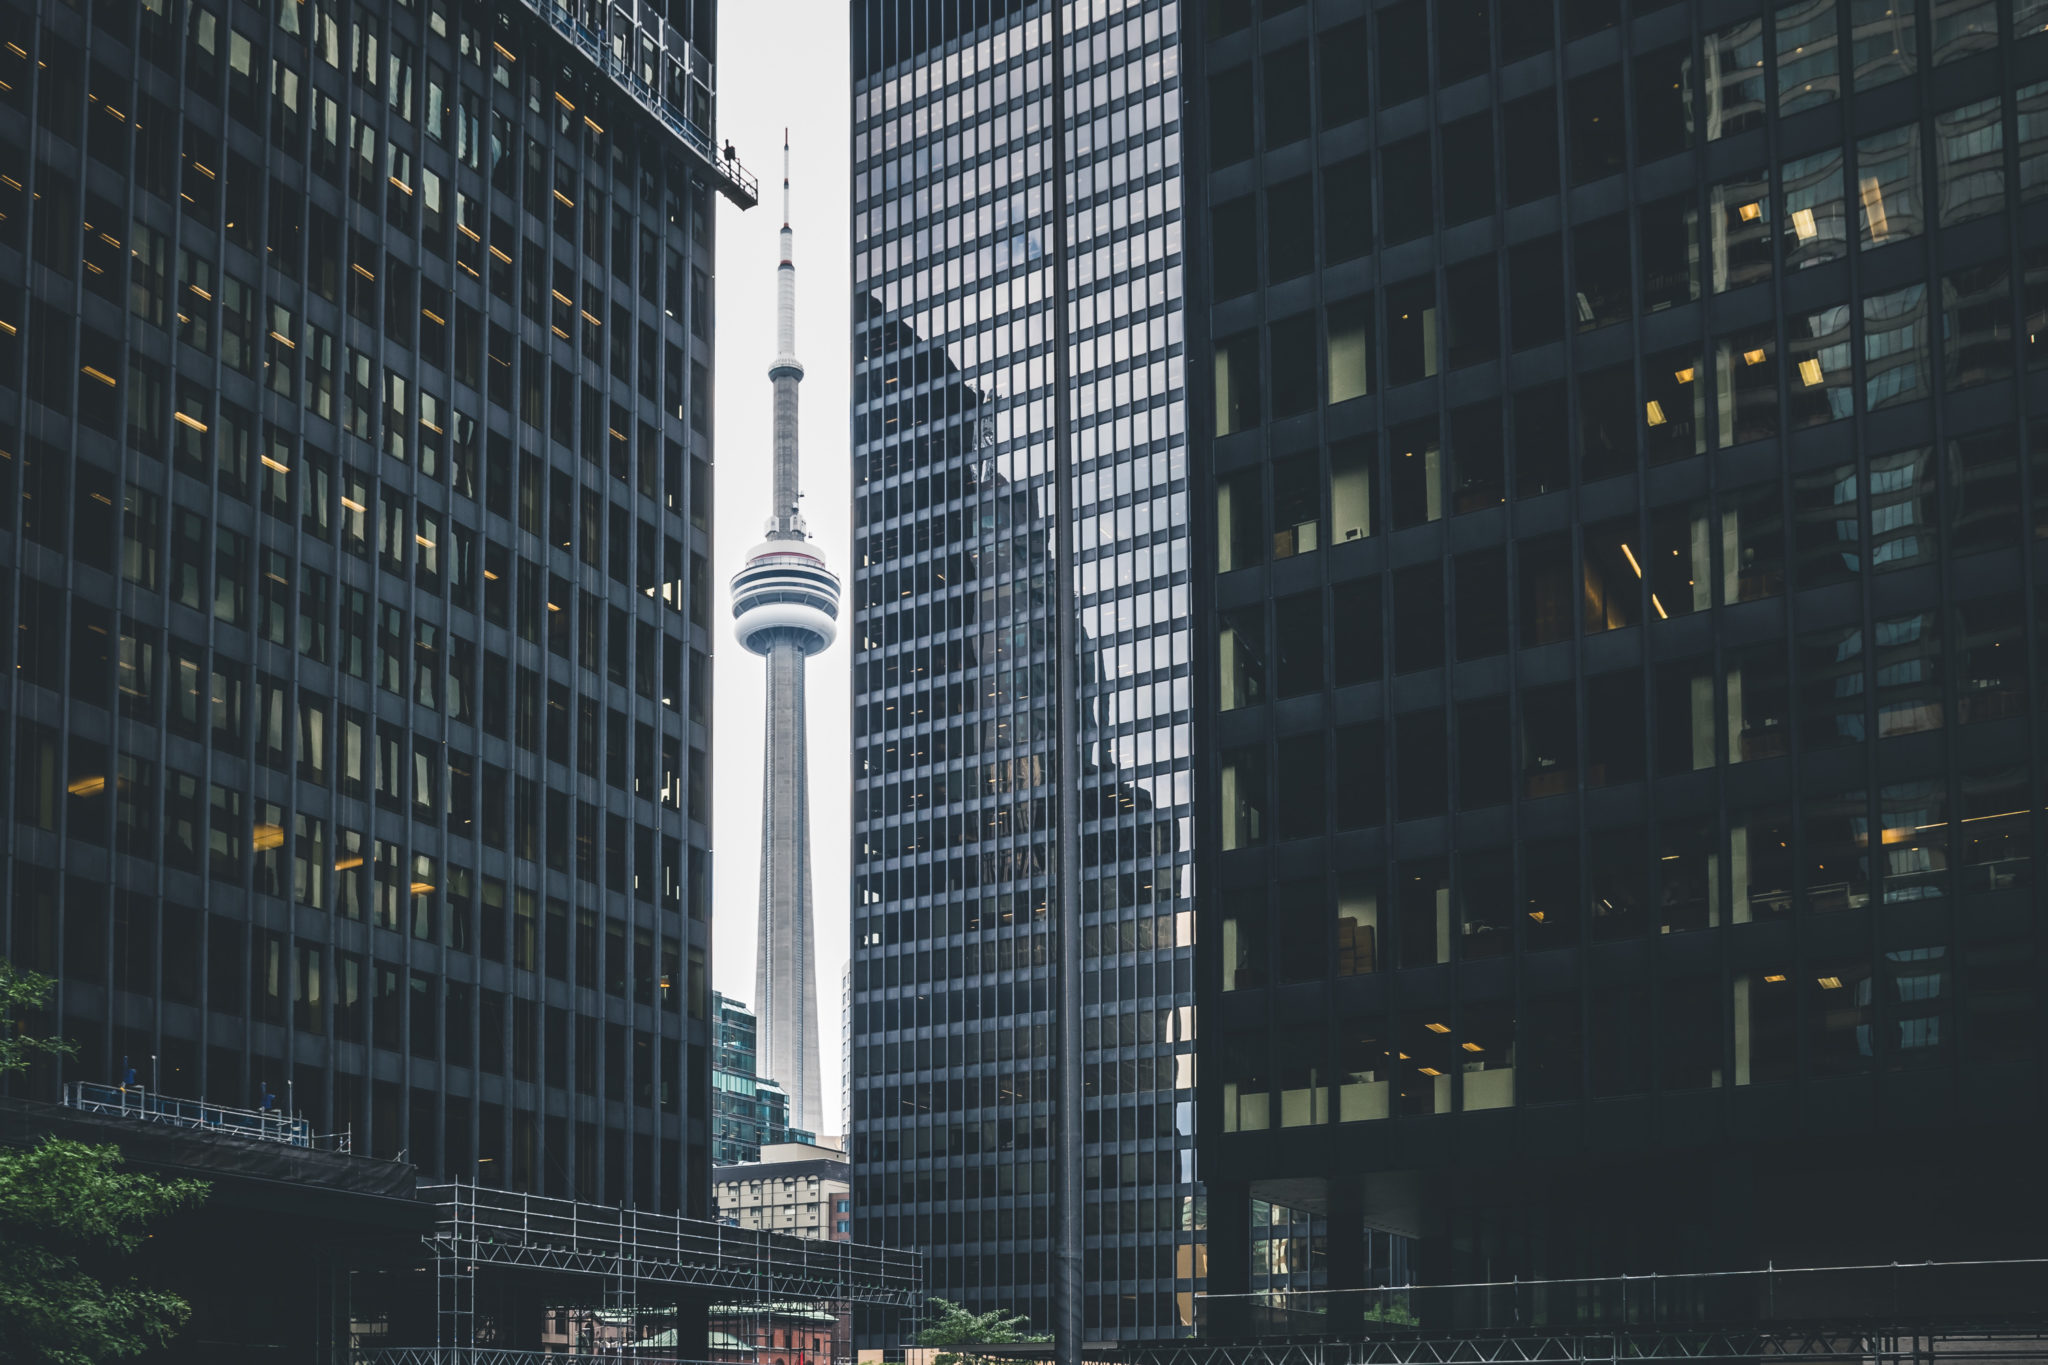 Toronto-Dominon Centre